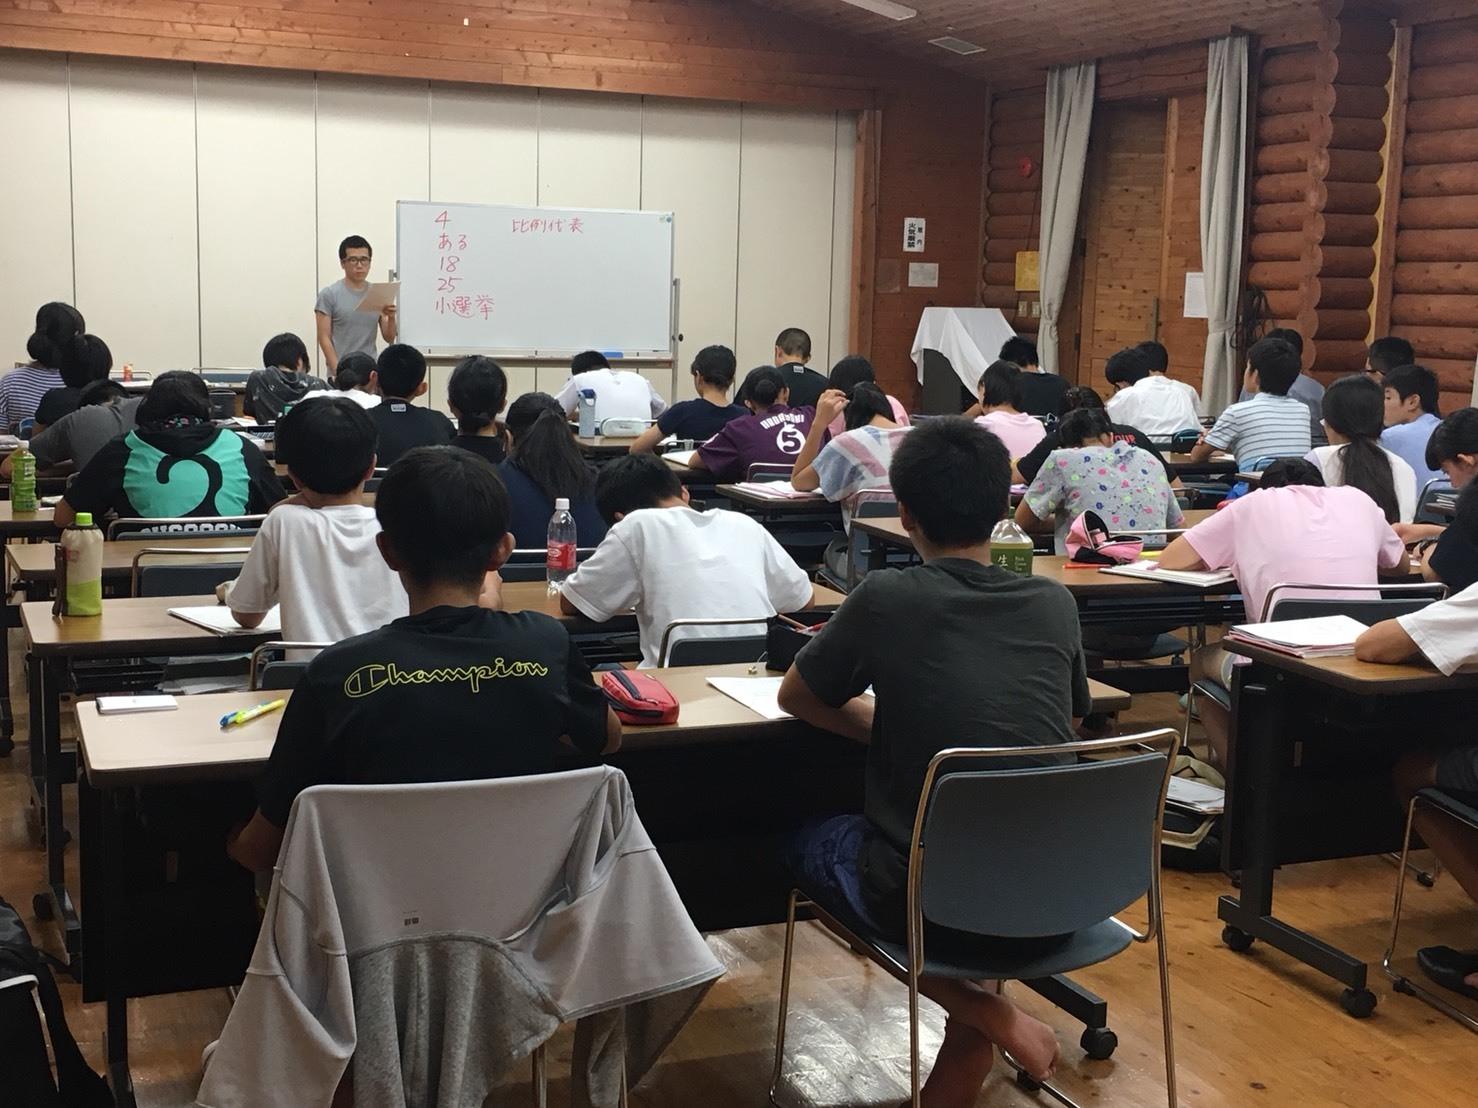 最高の学年による充実の宮崎夏合宿 -合宿1日目の写真-_d0116009_14561798.jpg